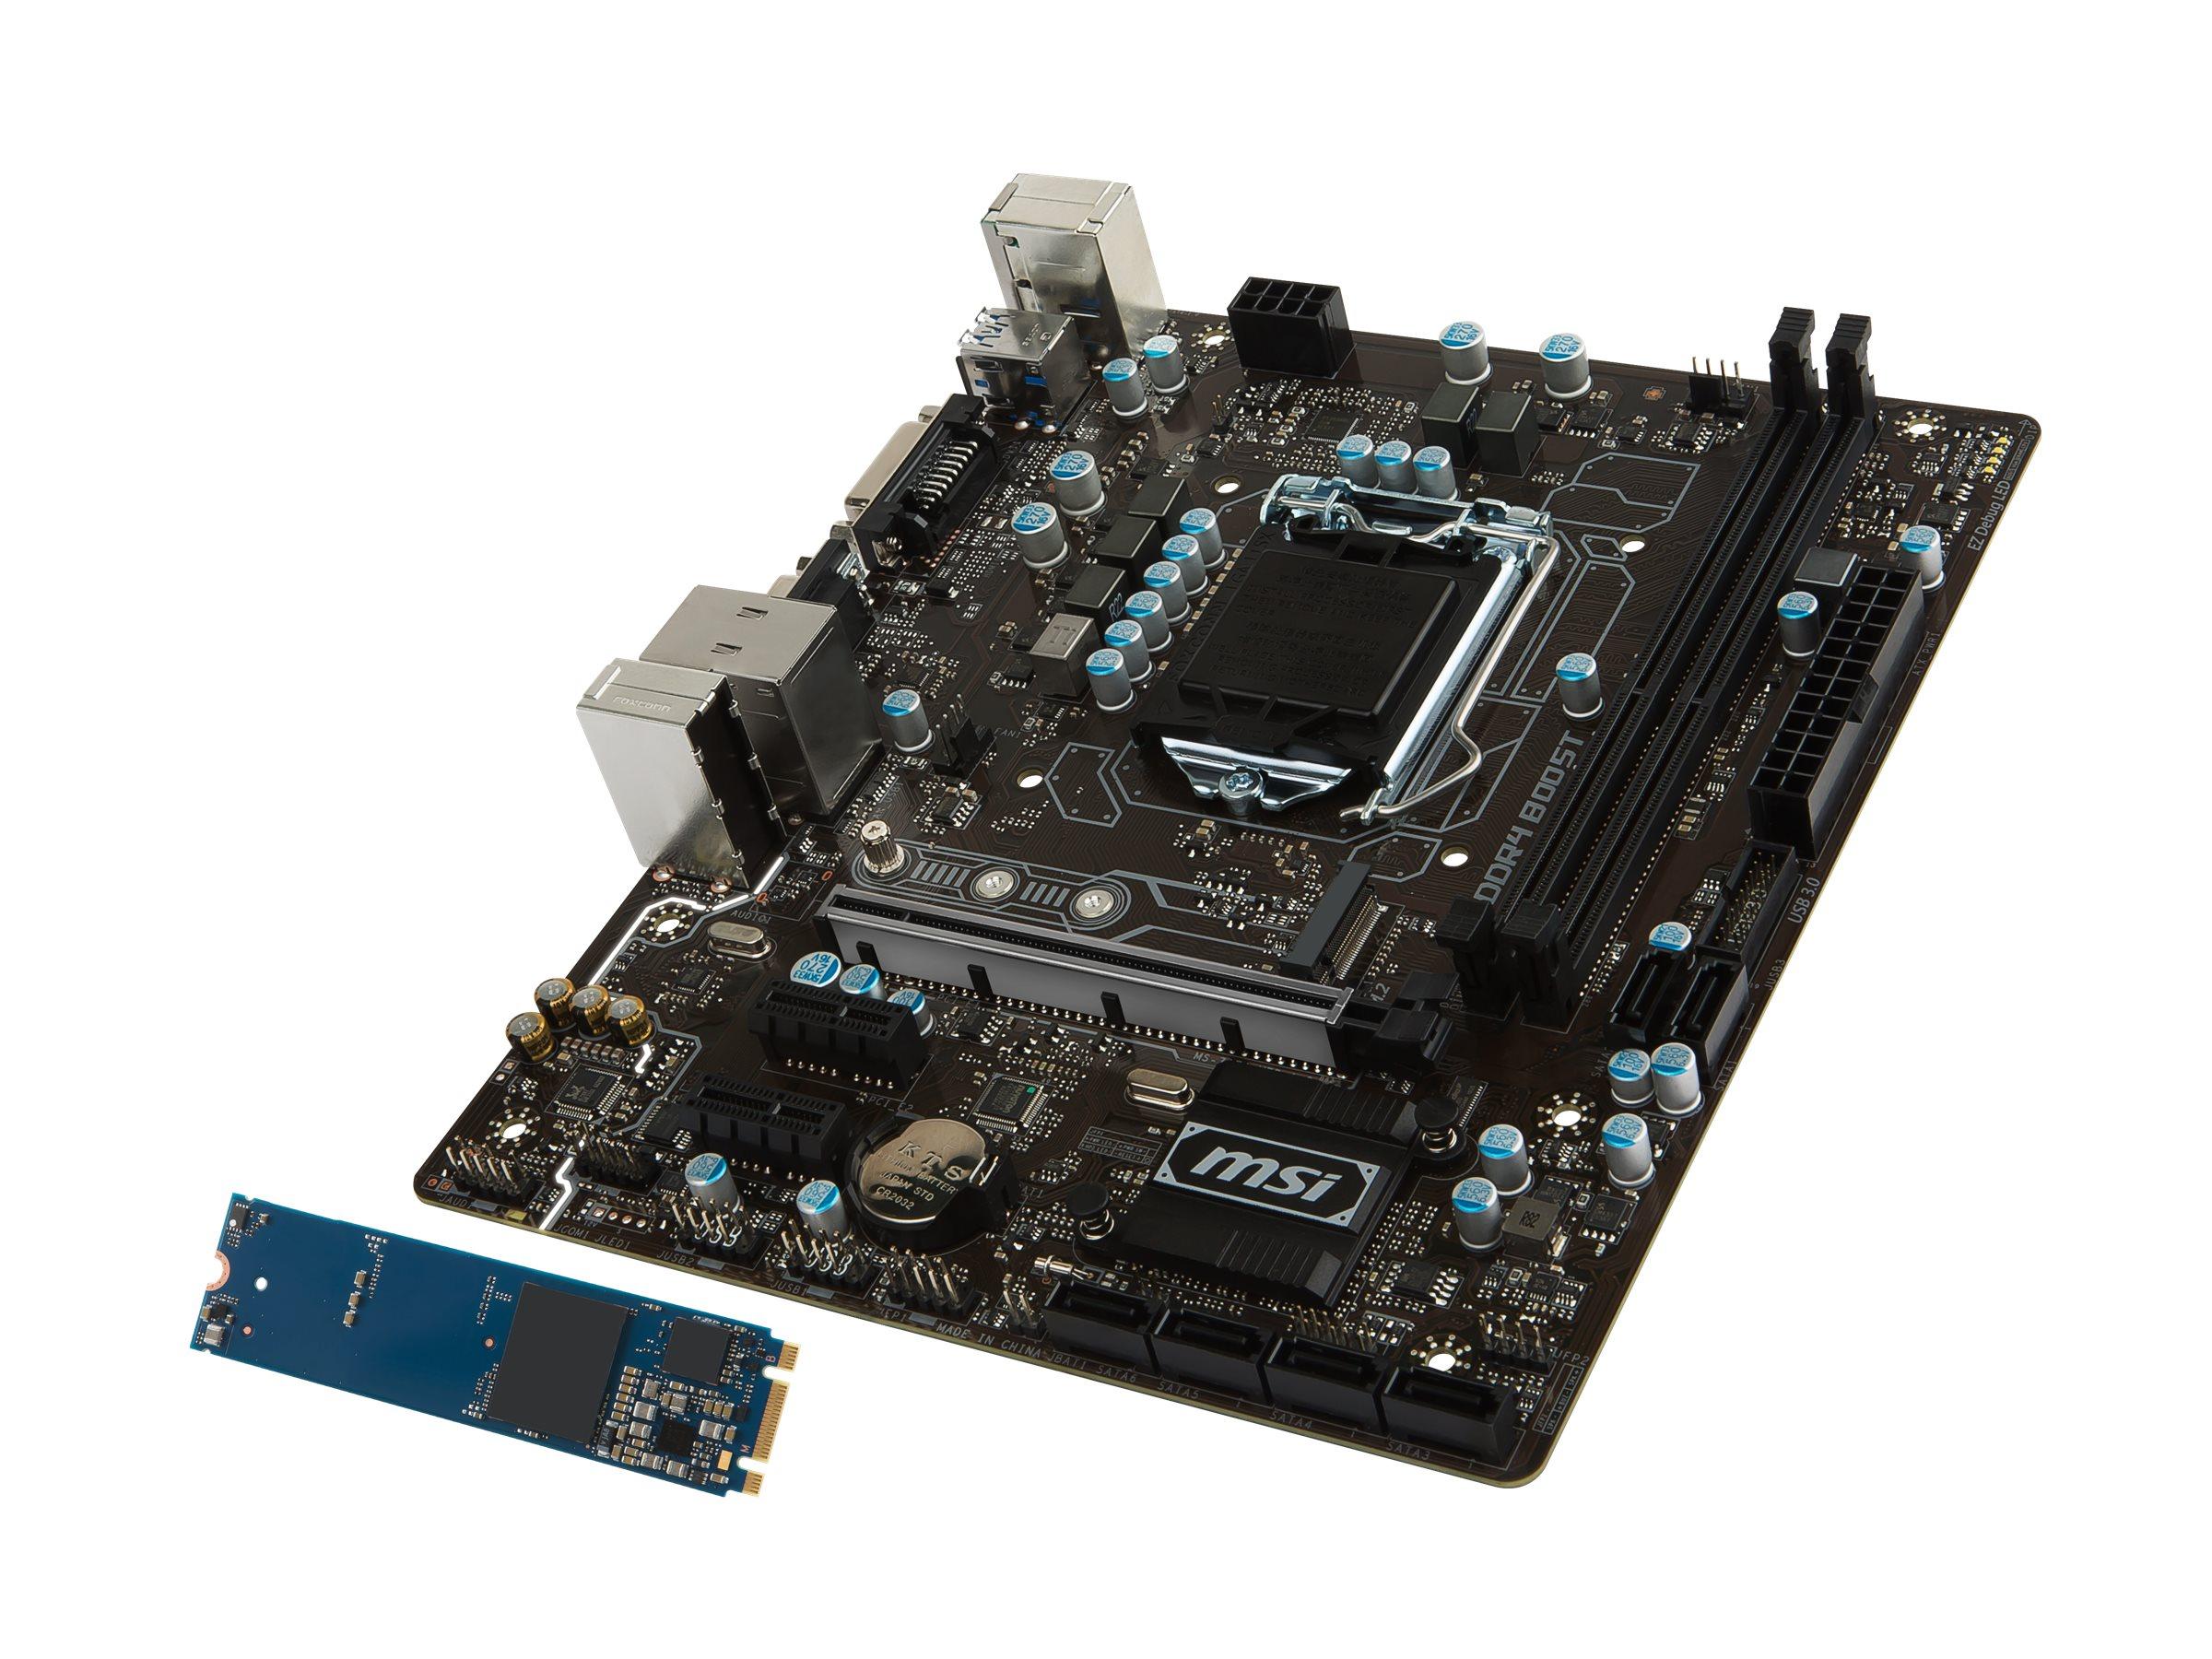 Microstar Motherboard, B250 MATX Optane DDR4 PCIe x16 DVI-D VGA M.2 USB 3.1, B250M PRO OPT BOOST, 34214381, Motherboards